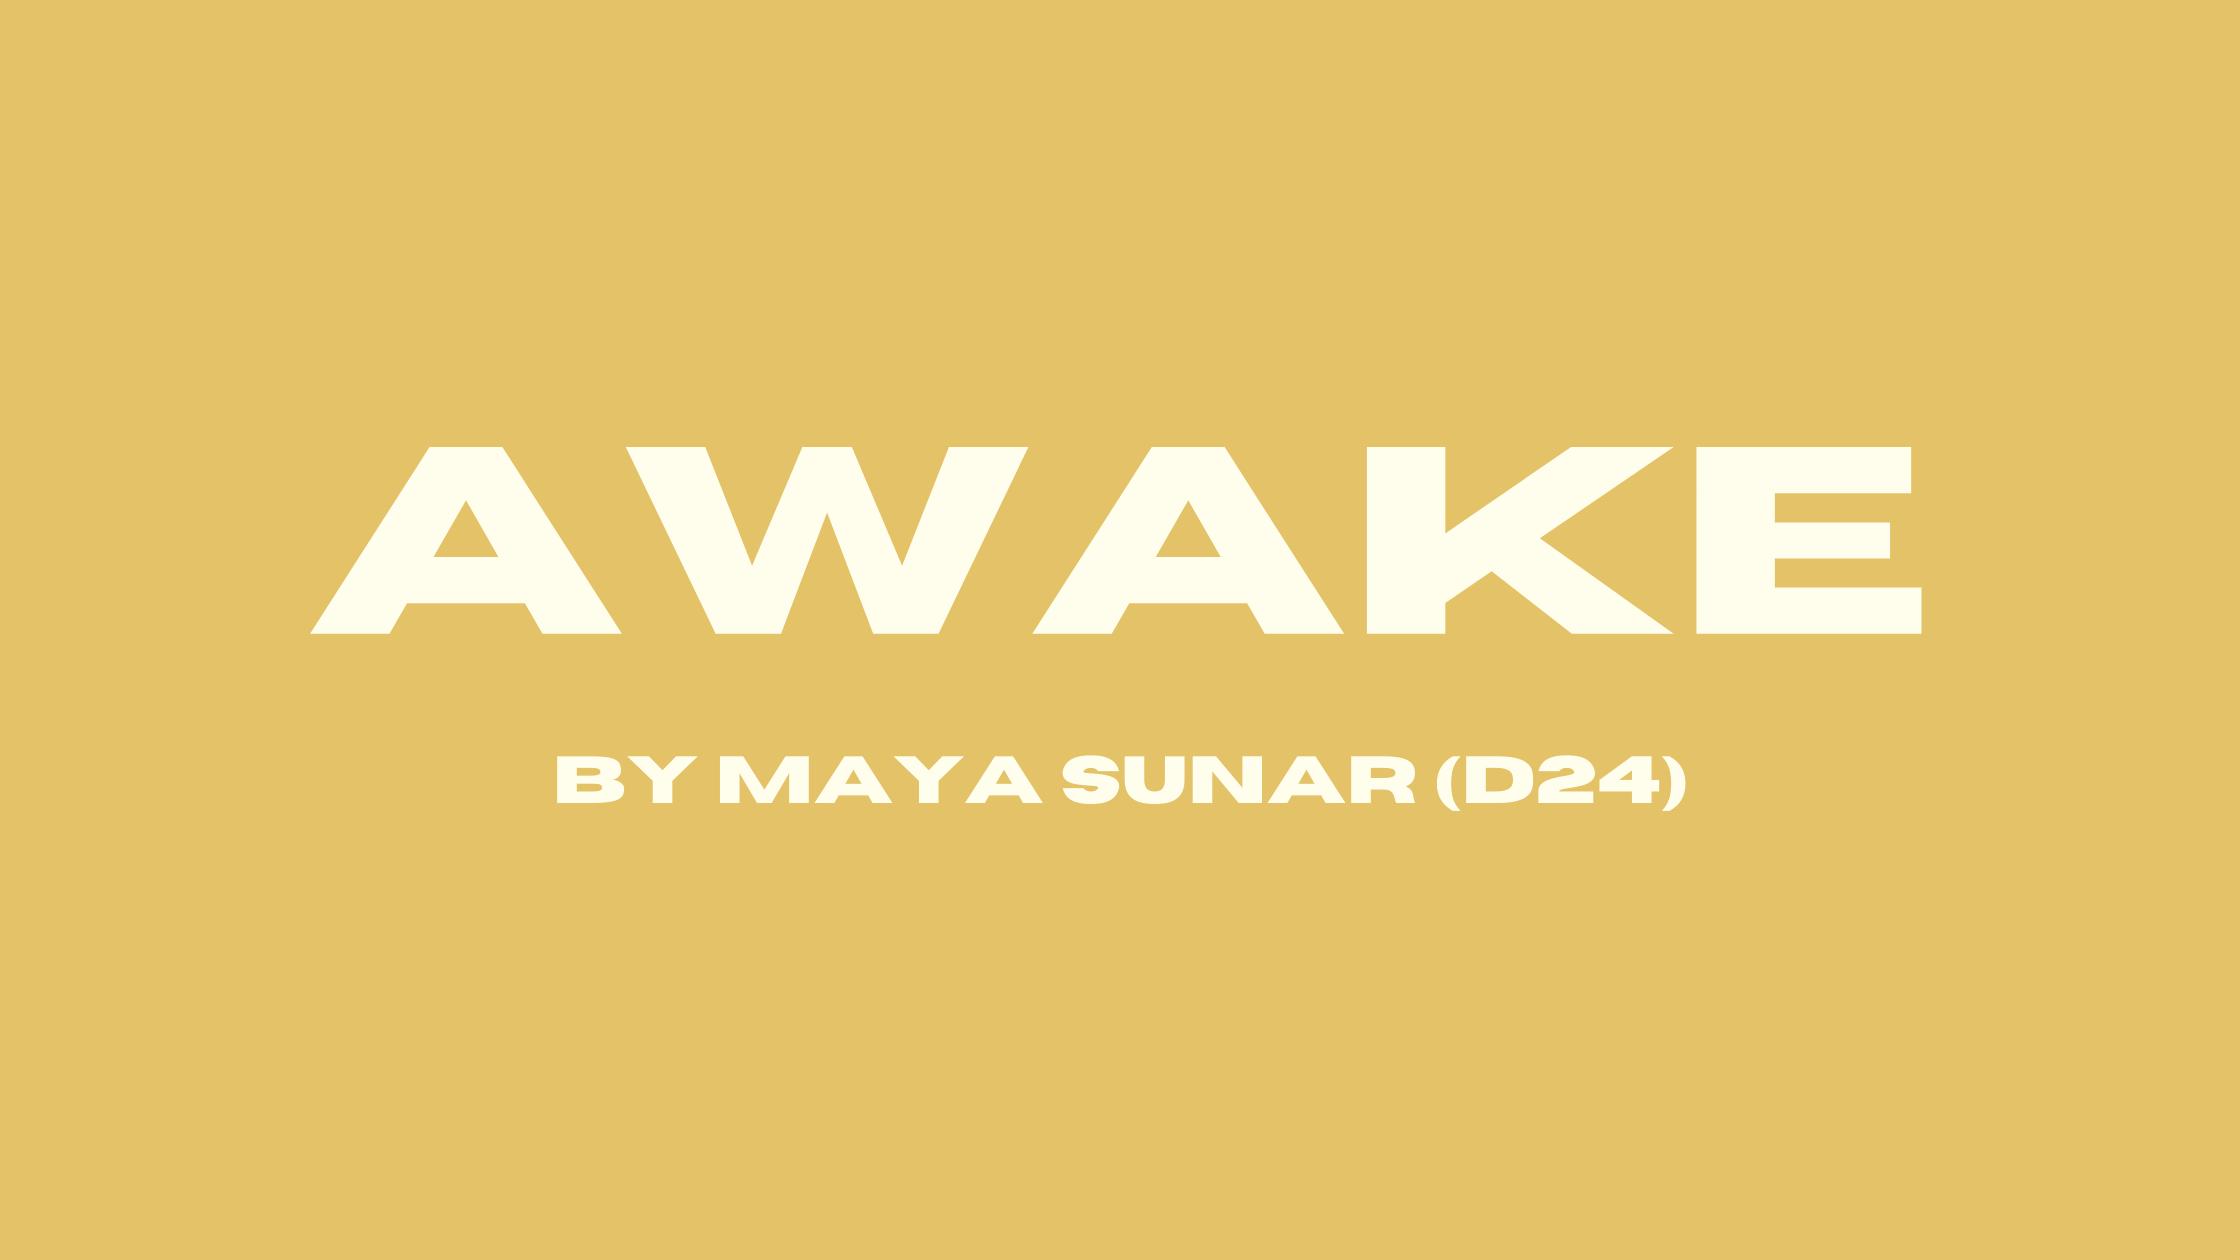 Awake By Maya Sunar (D24)